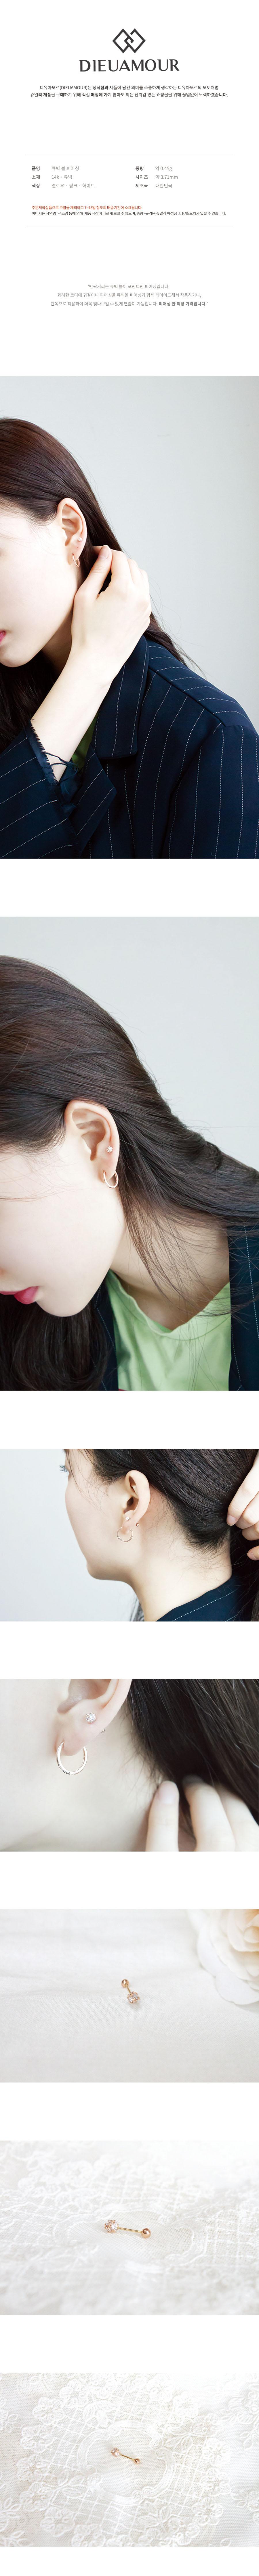 14k 귀걸이 큐빅볼 피어싱 - (주)비더블유아이, 56,700원, 골드, 14K/18K